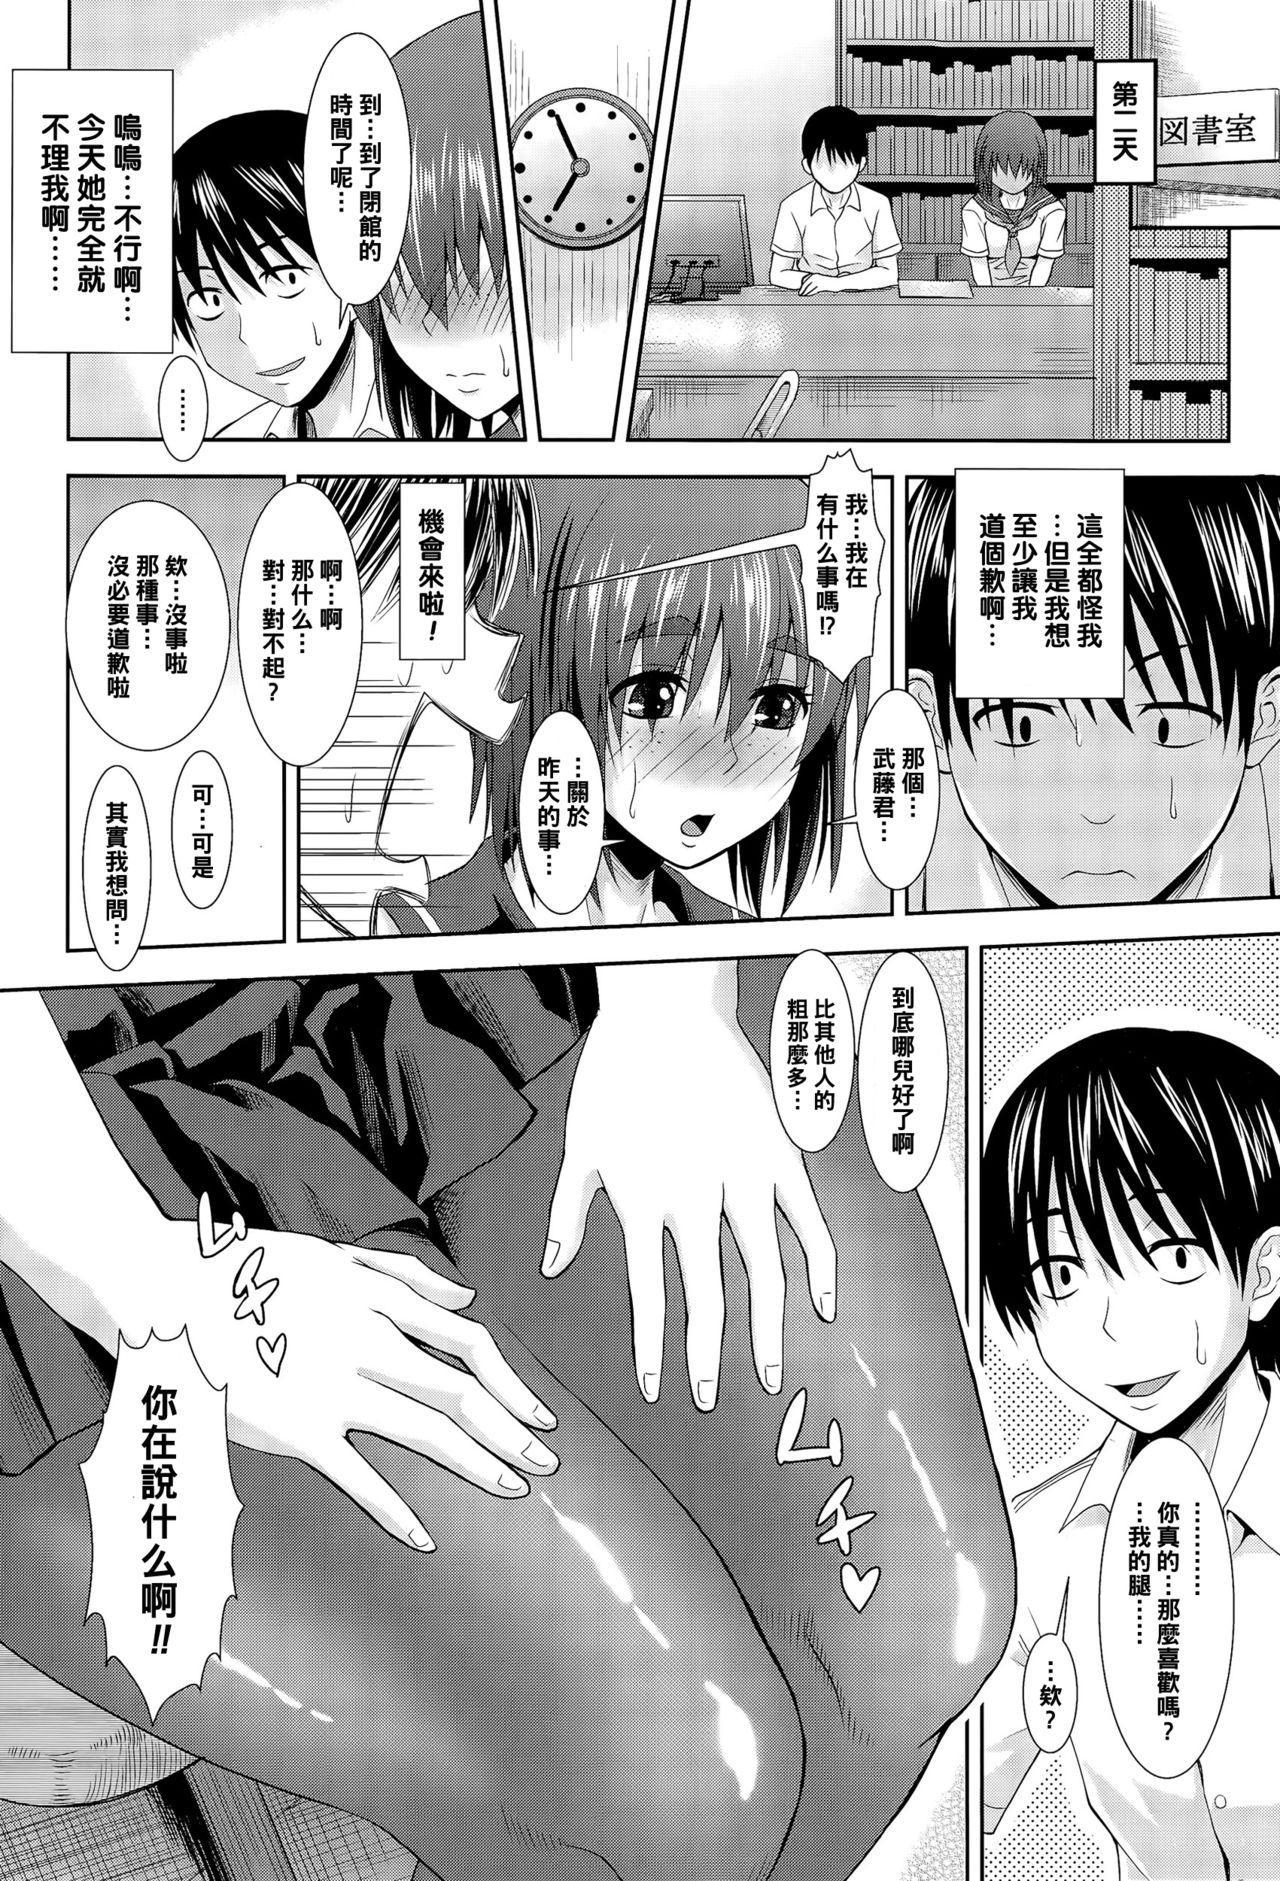 Kanojo no Futokute Mureta Are 3